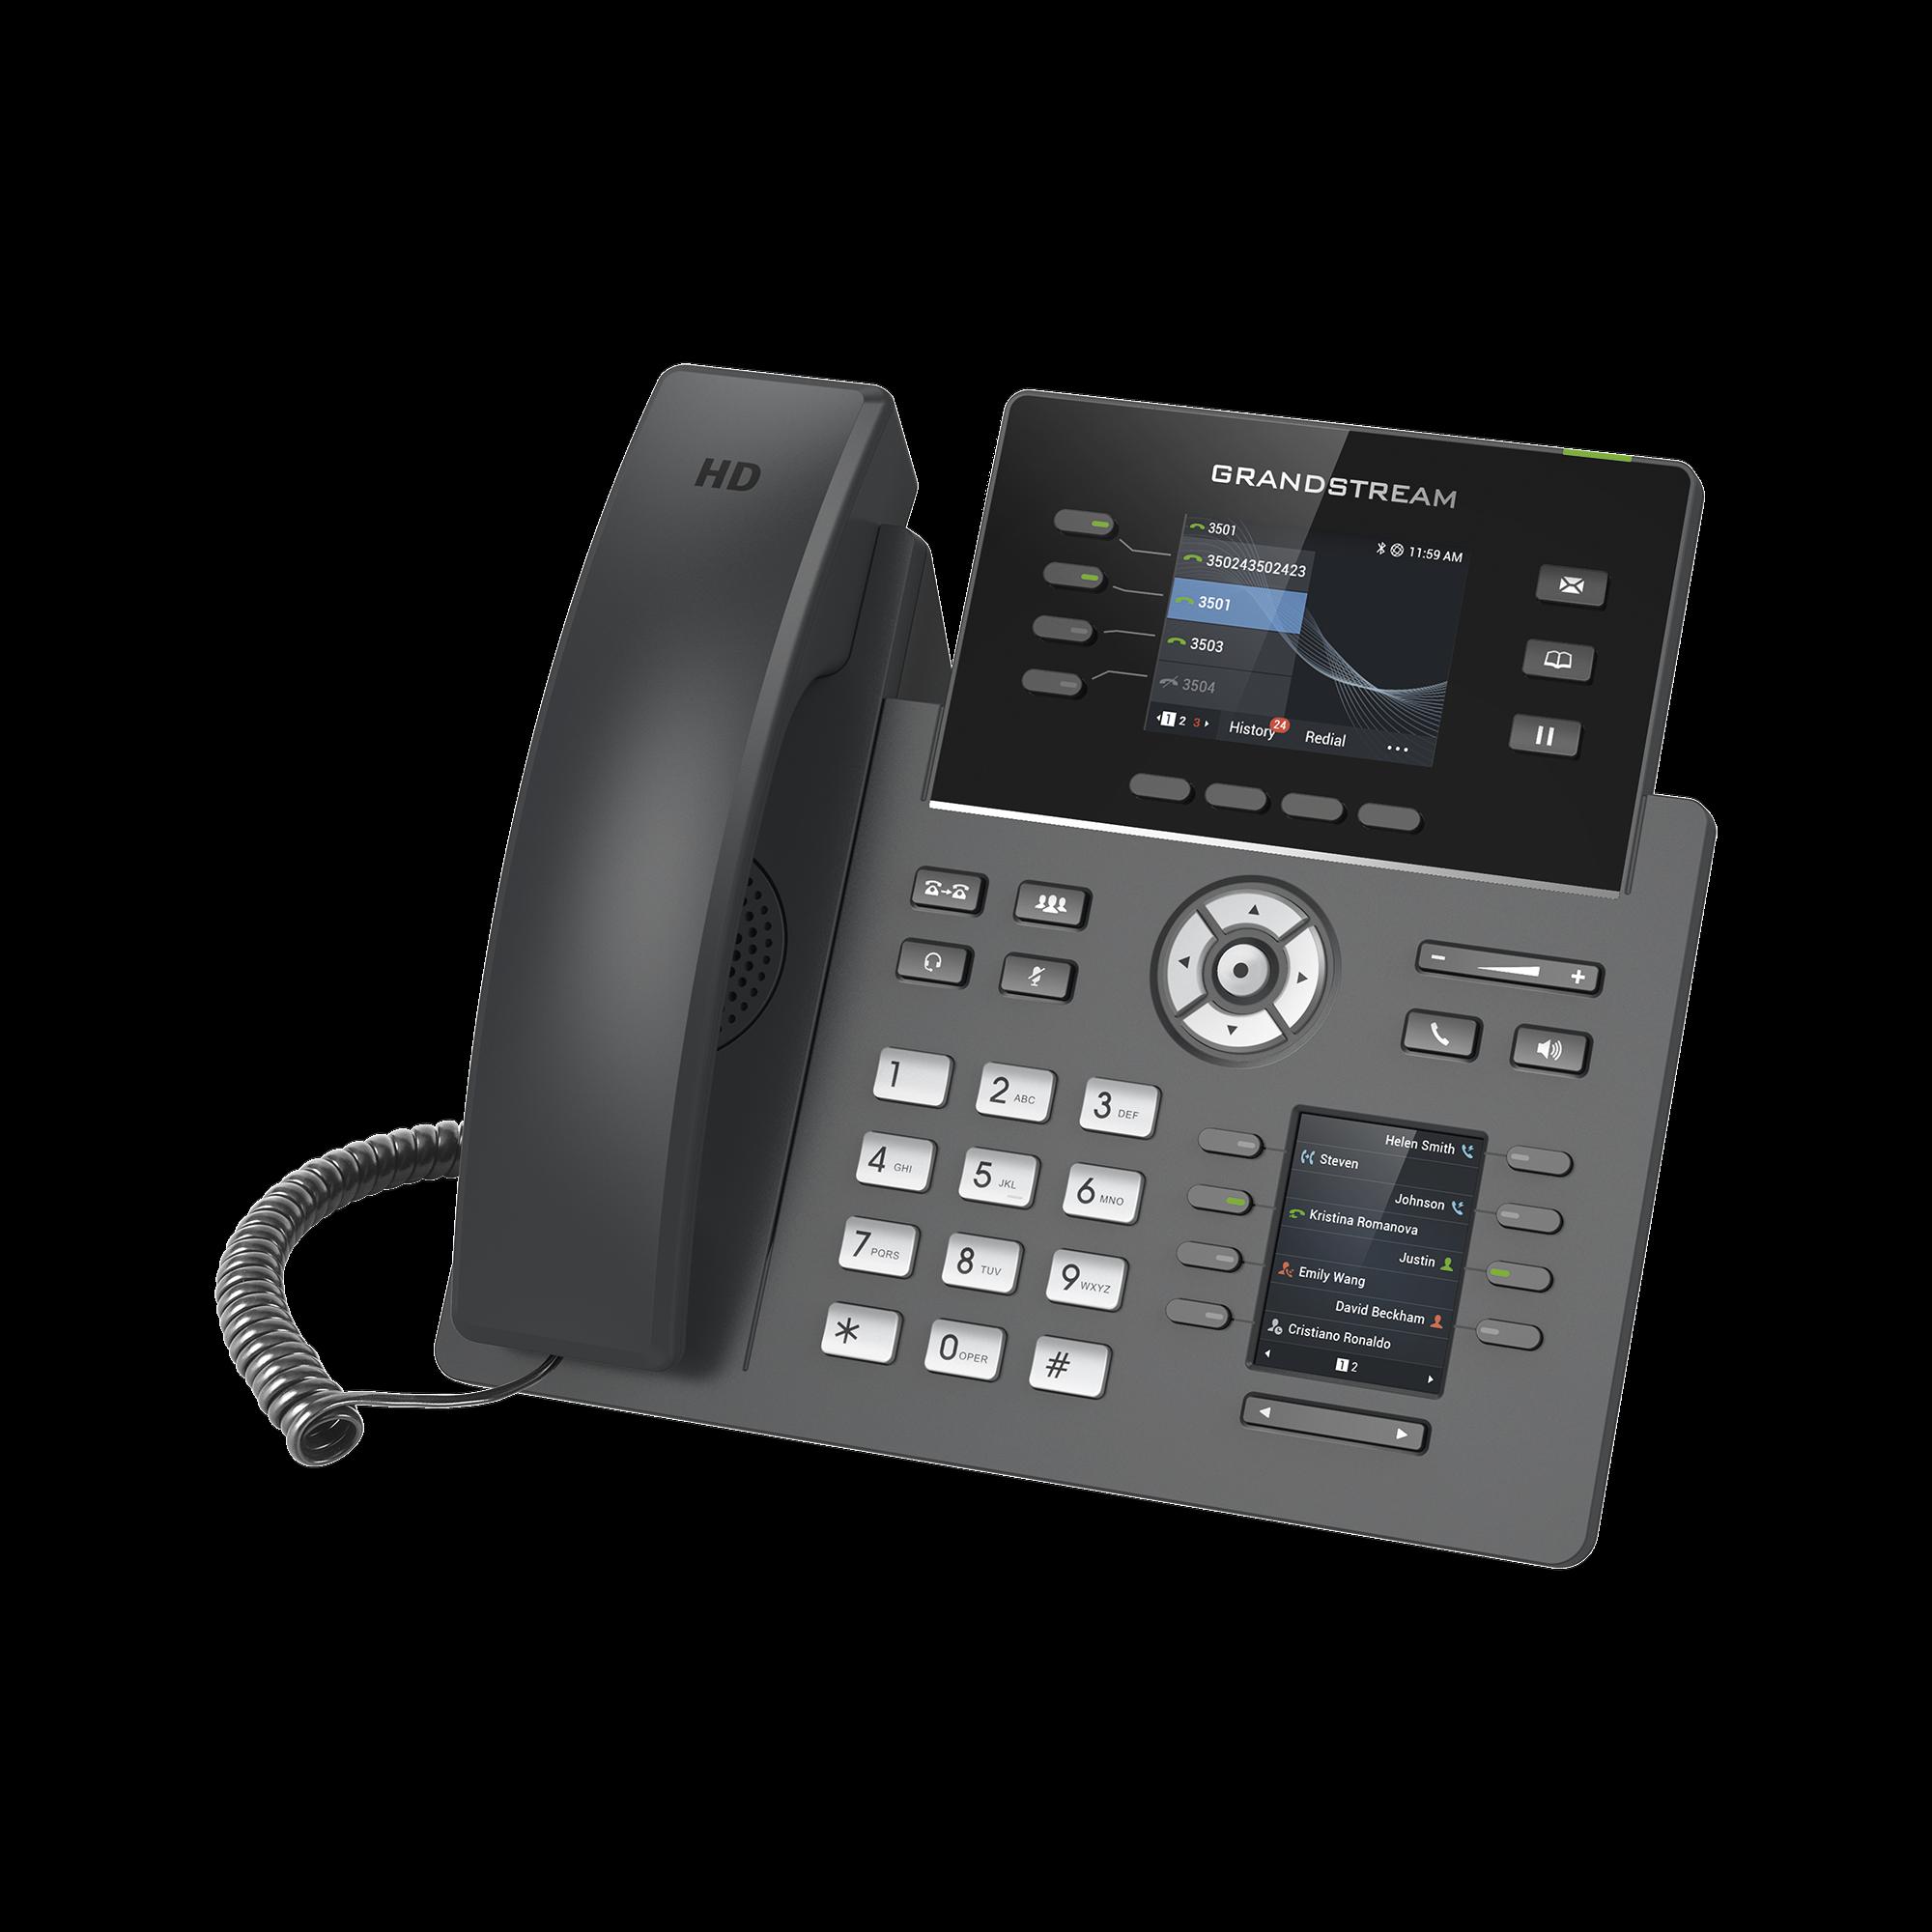 Teléfono IP de 4 líneas para alta demanda, grado operador, con botones BLF en display LCD